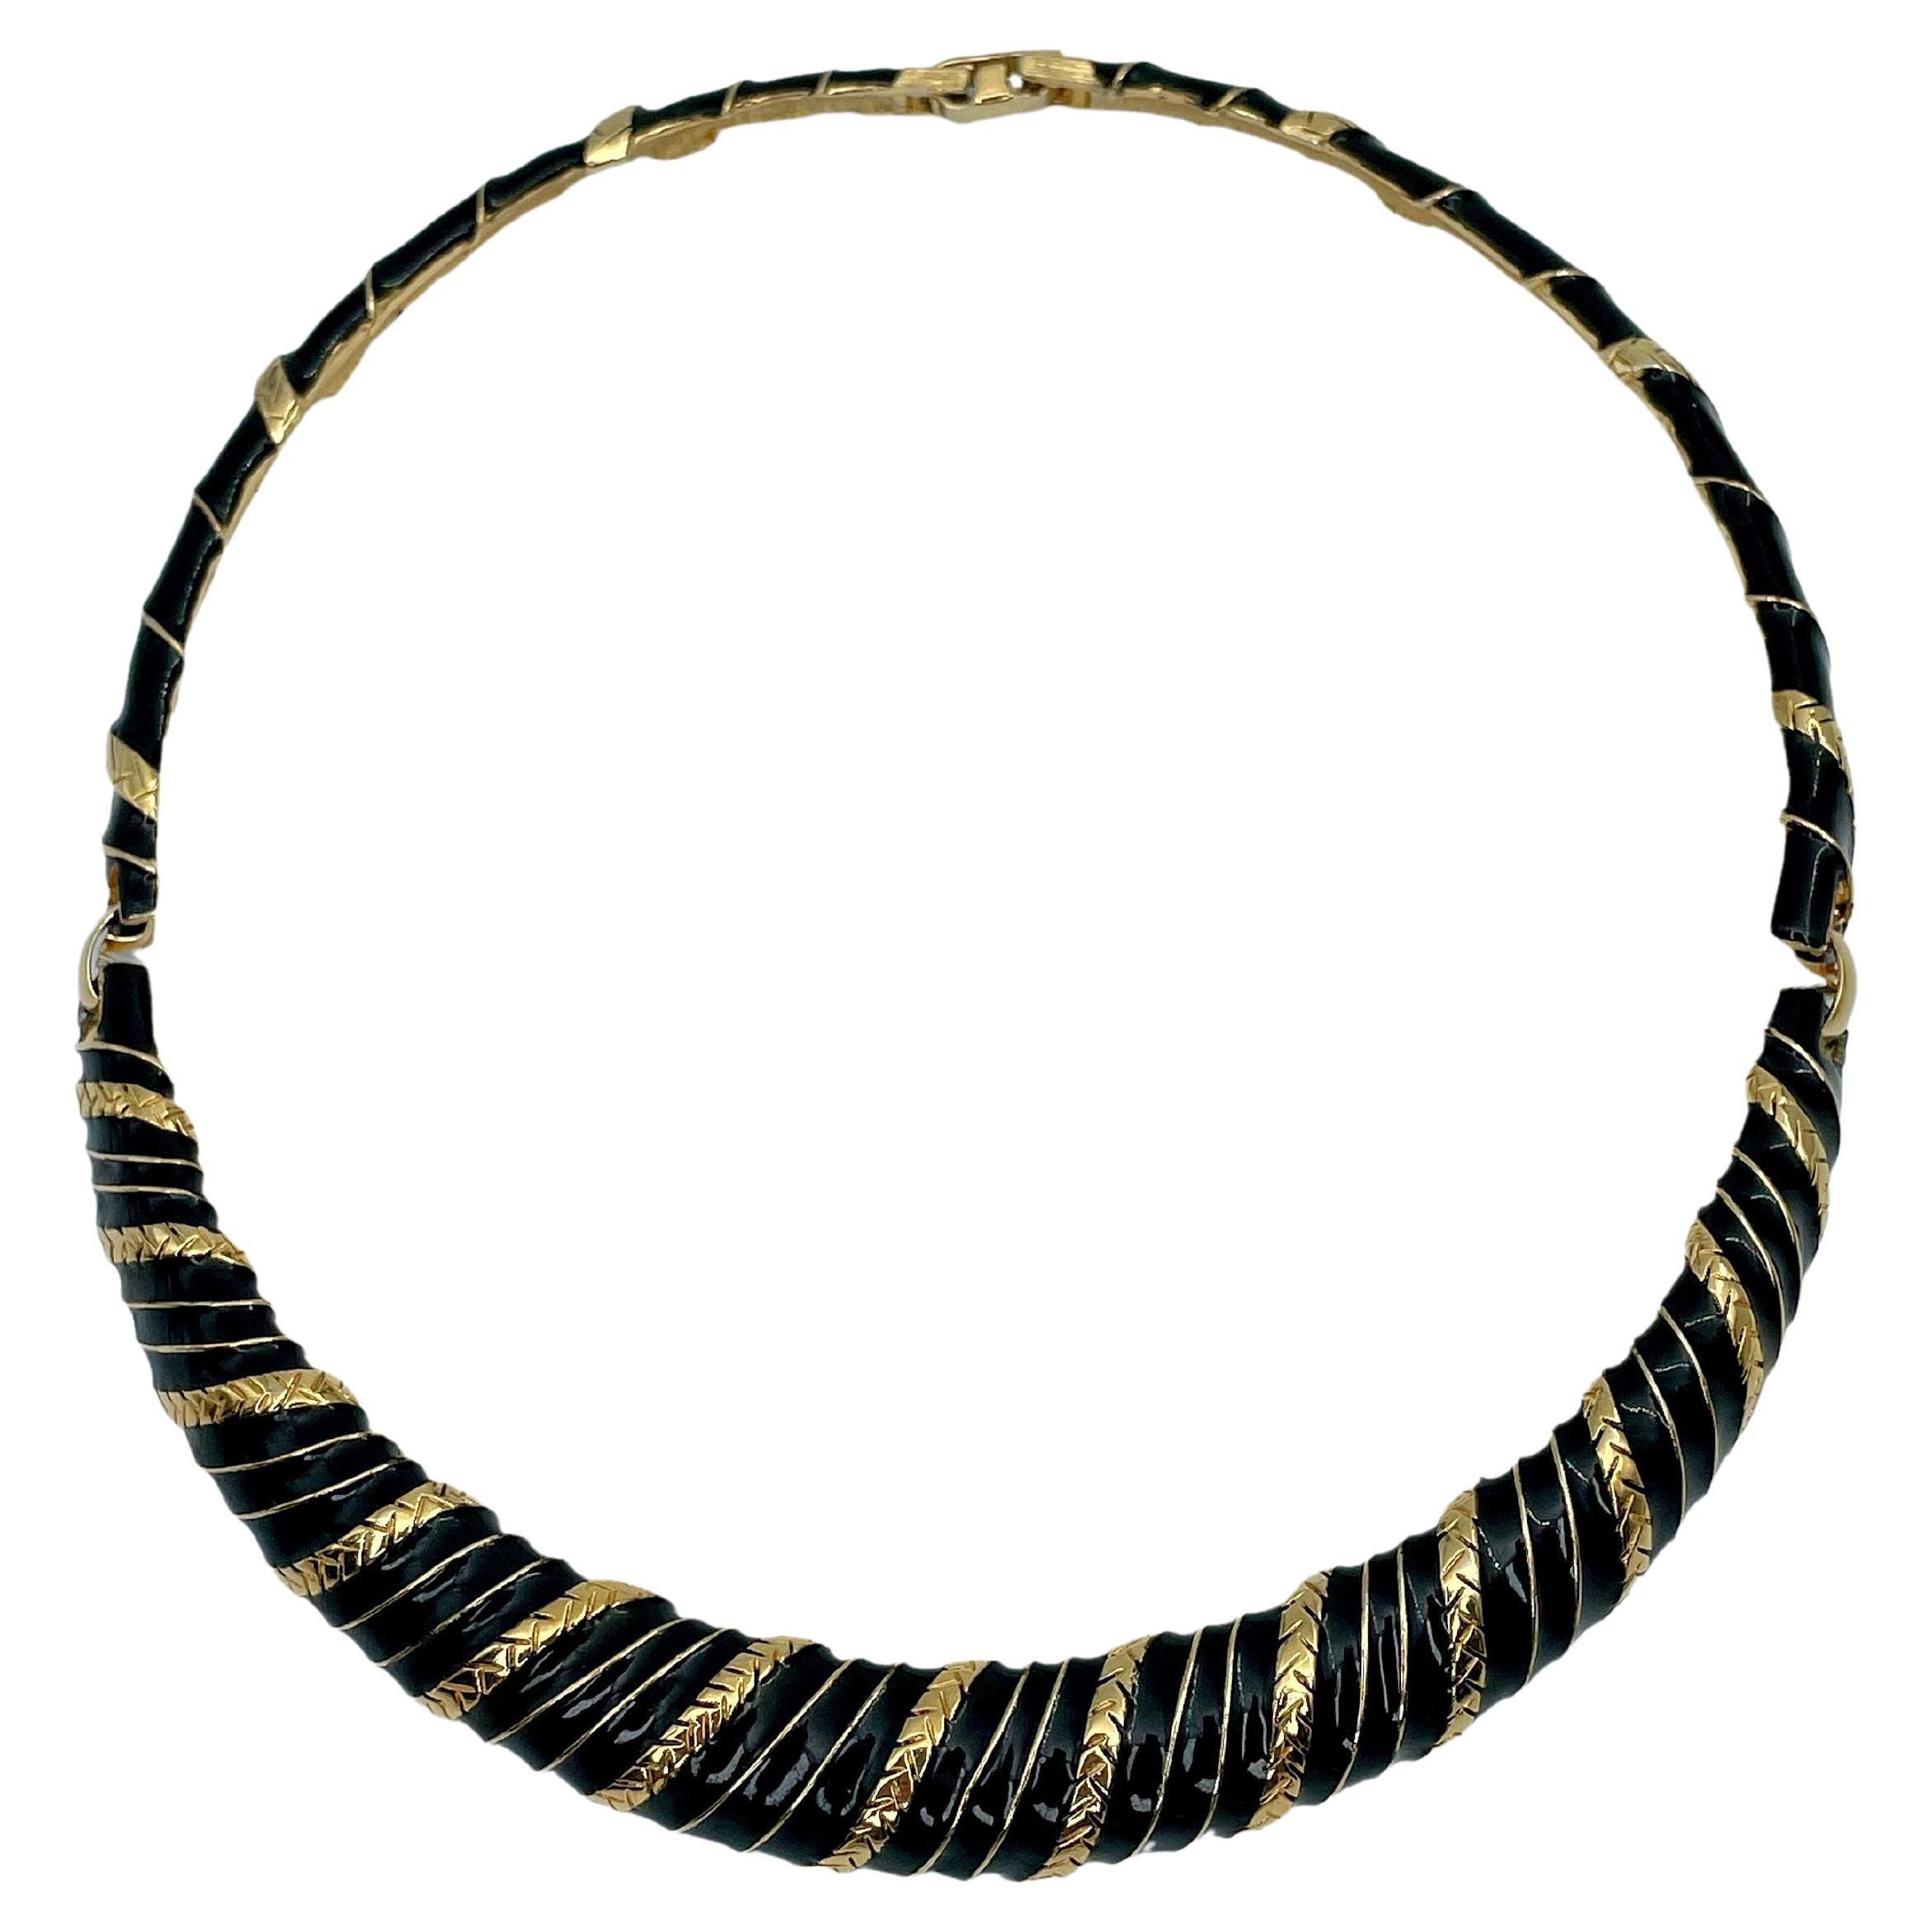 Vintage Yves Saint Laurent Gold Tone Striped Black Collier Necklace